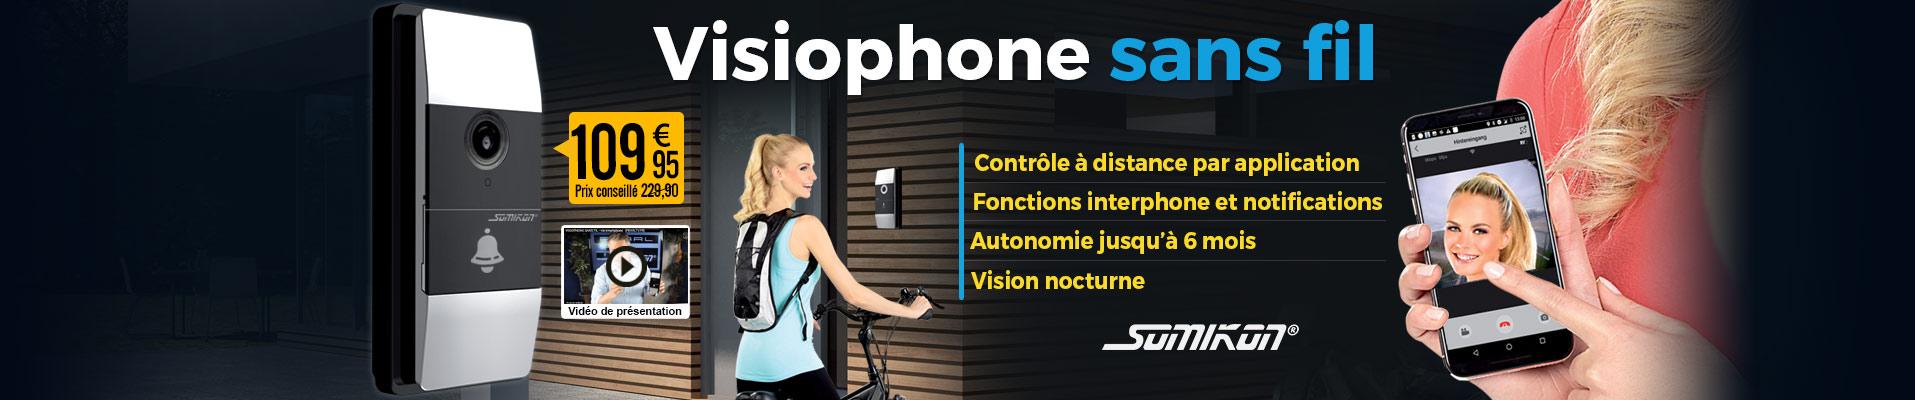 Visiophone sans fil 180 avec wifi et contrôle par application nx4414